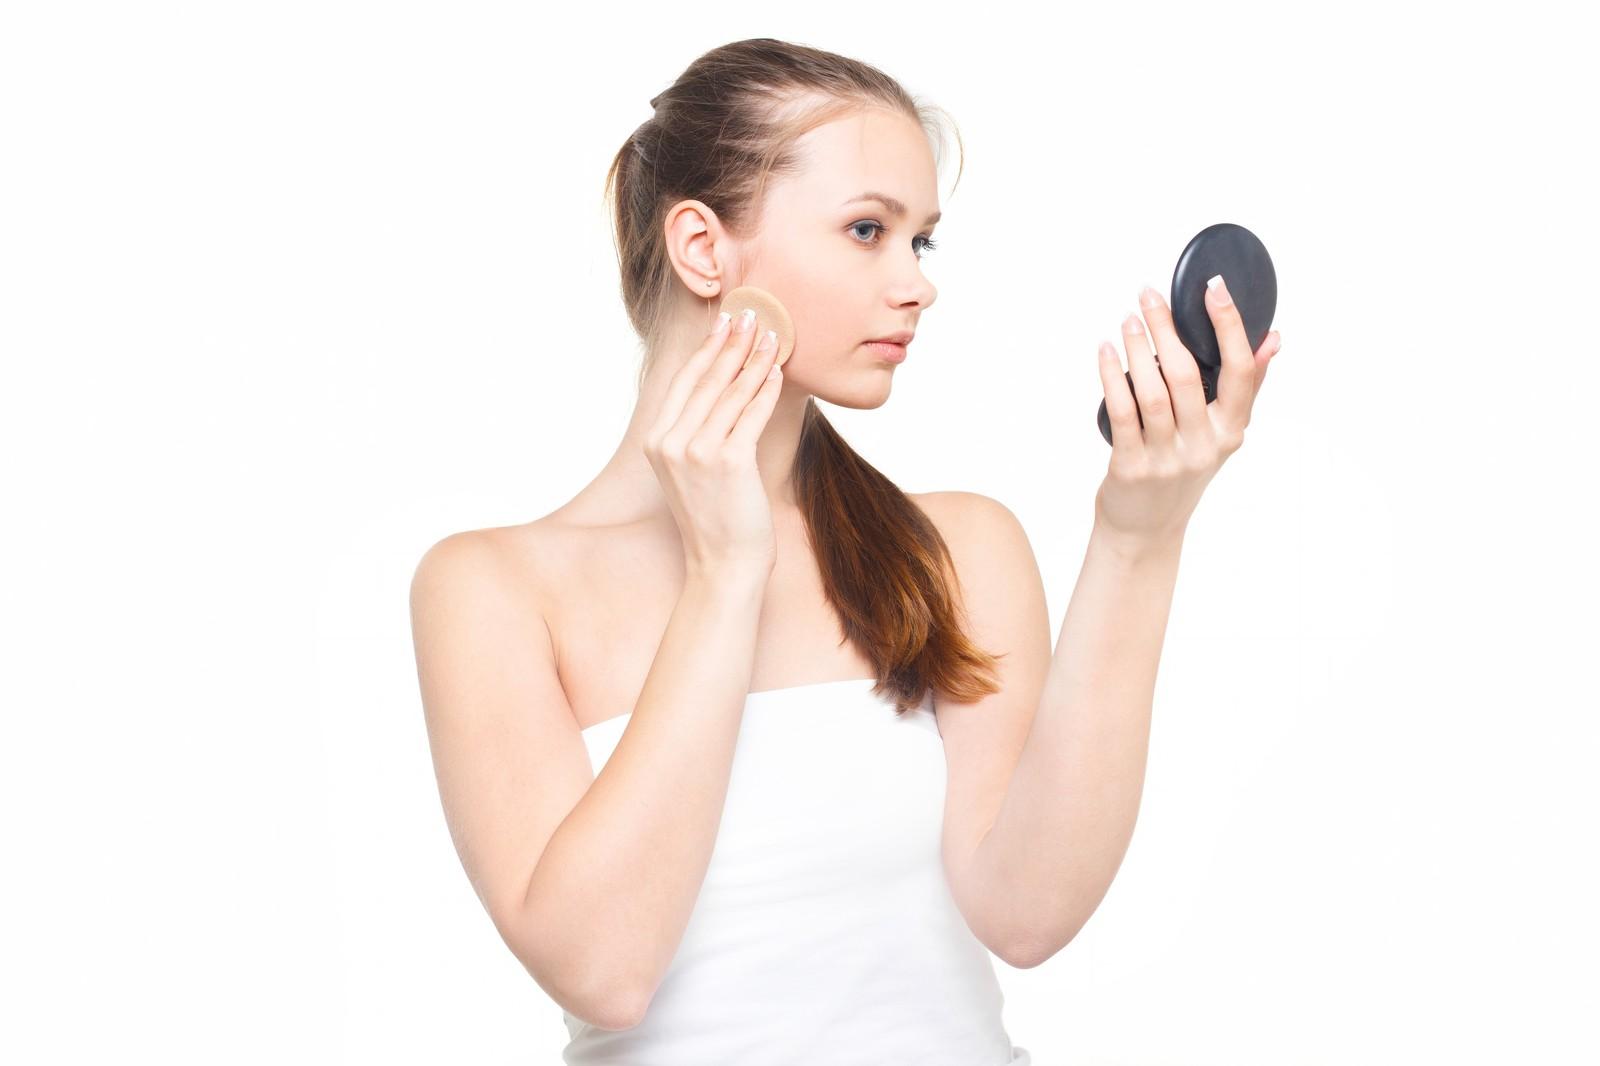 コンパクトミラーを見ながら真剣な表情で化粧をする女性